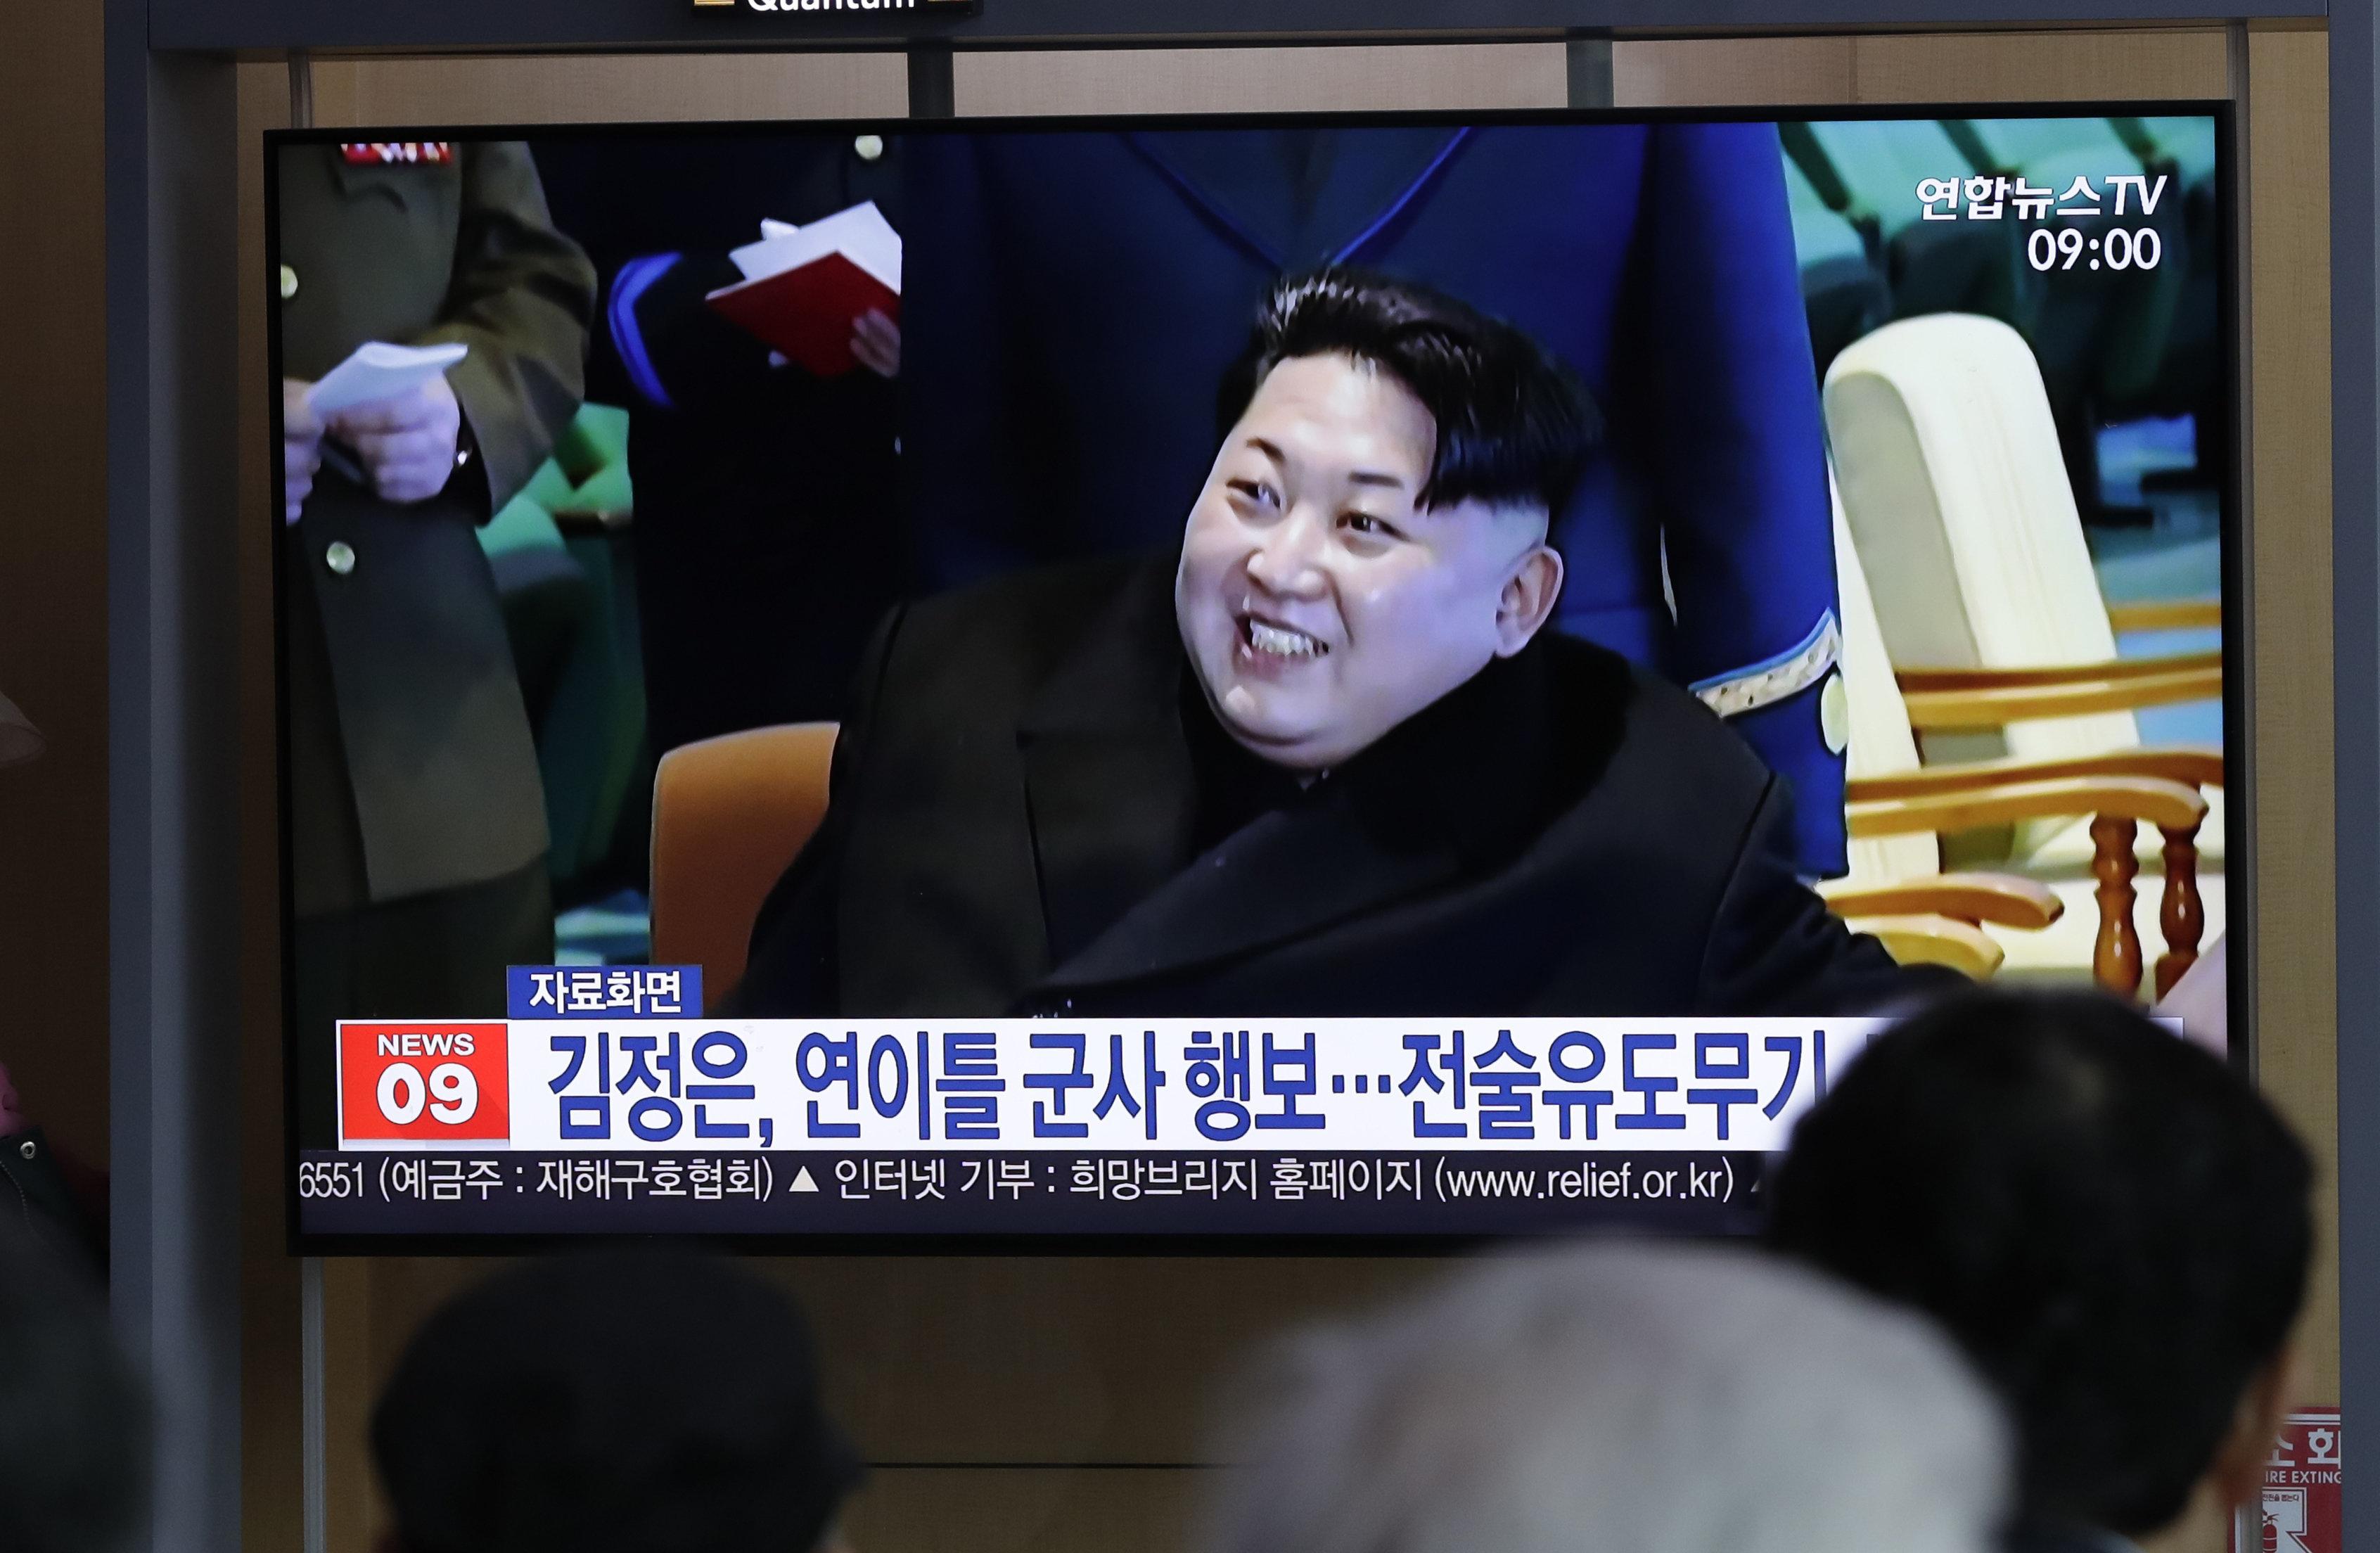 북한 김정은의 '신형 전술 유도무기 사격시험' 참관은 어떤